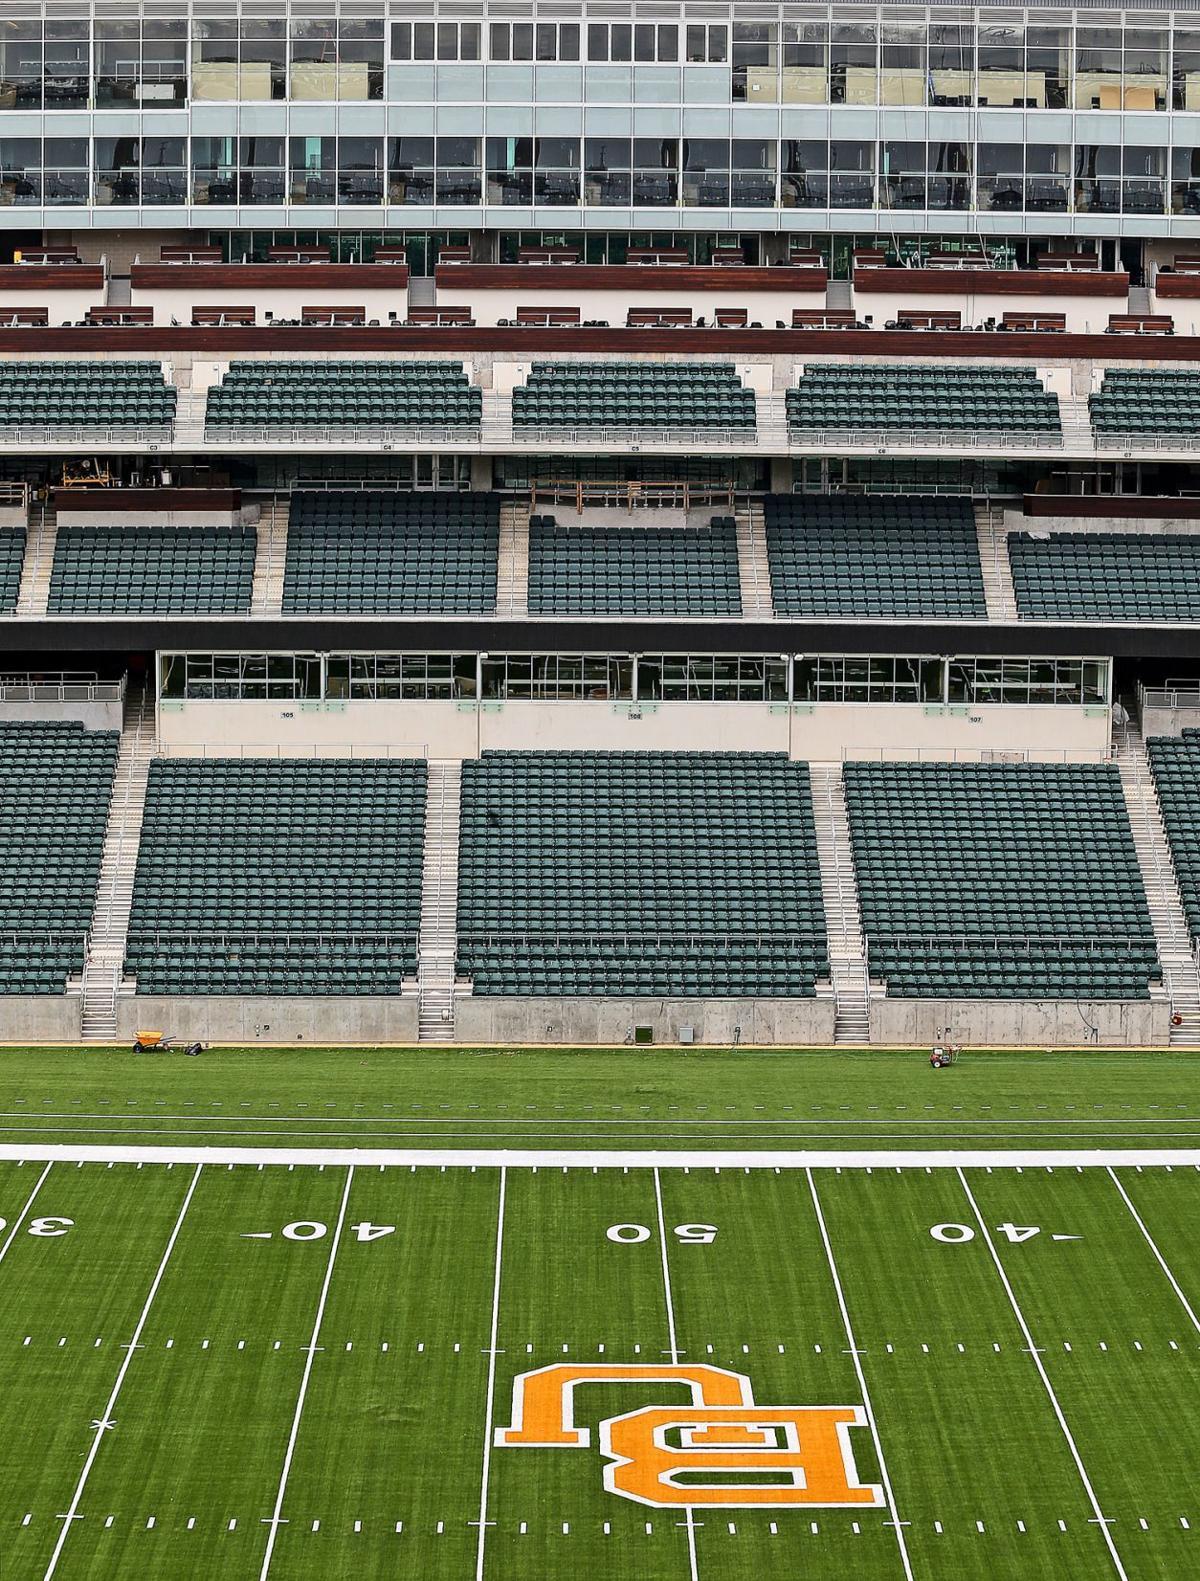 stadiumseats2